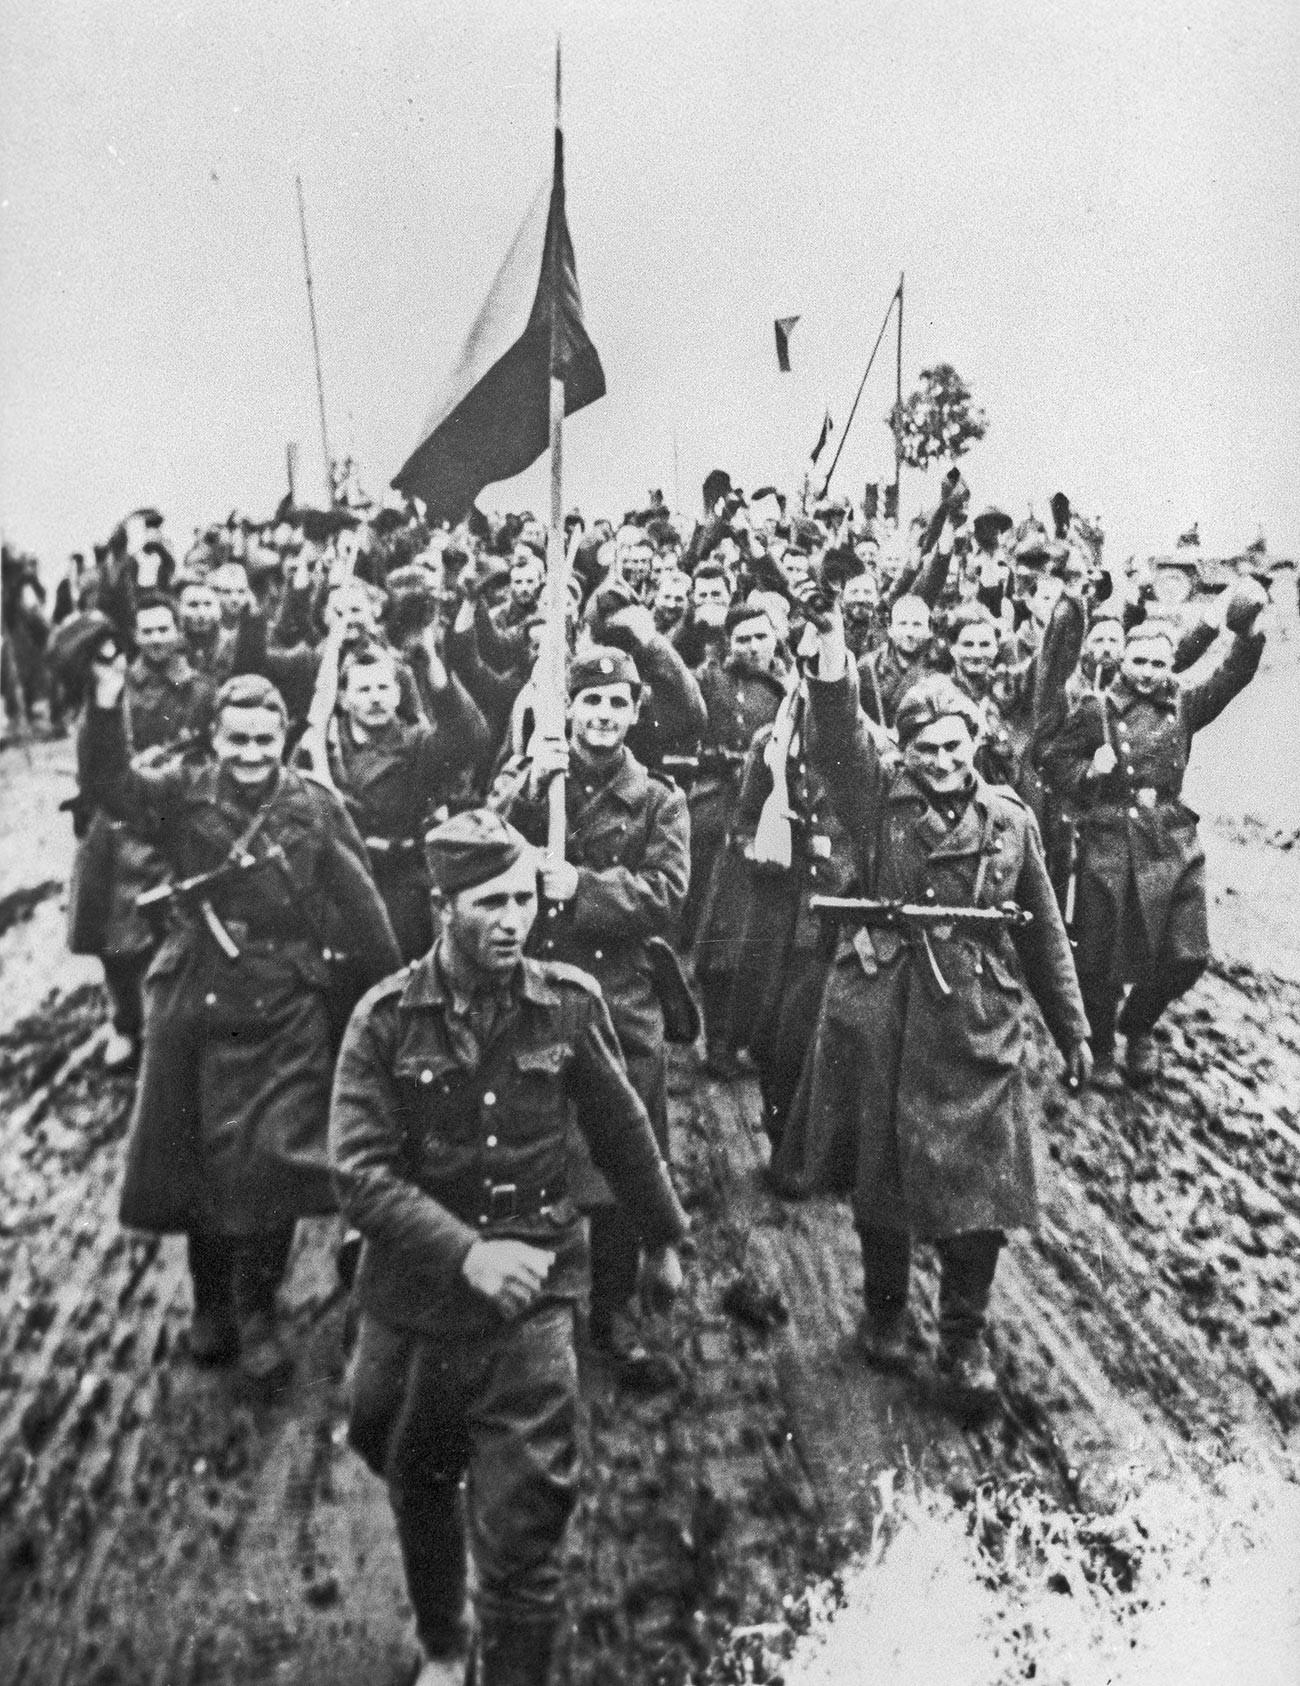 Soldaten der 1. Tschechoslowakischen Armee.